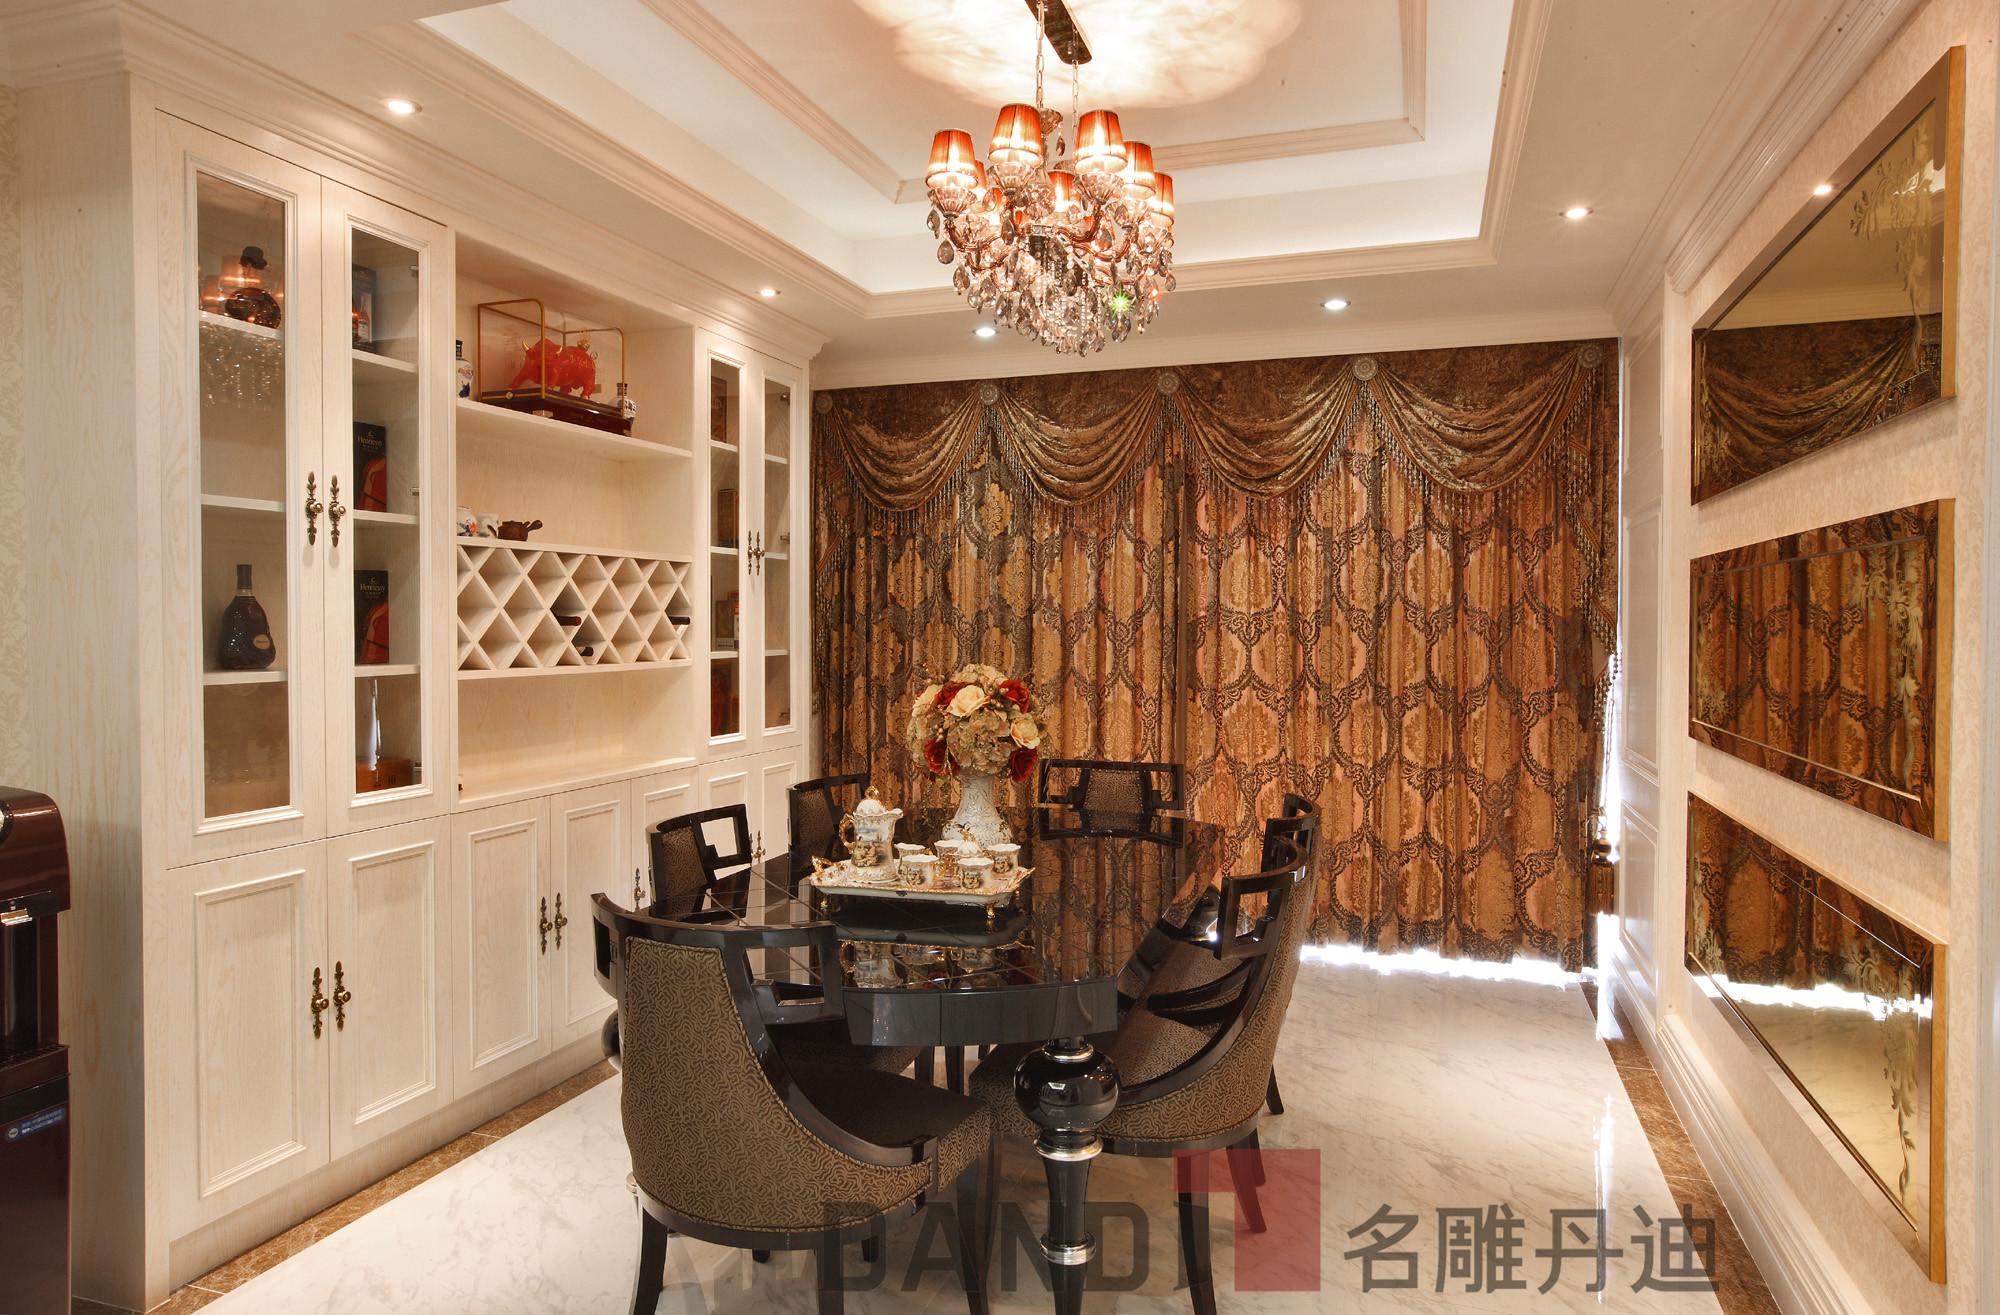 简约 欧式 田园 别墅 餐厅图片来自名雕丹迪在万科璞悦山800平米别墅装修的分享